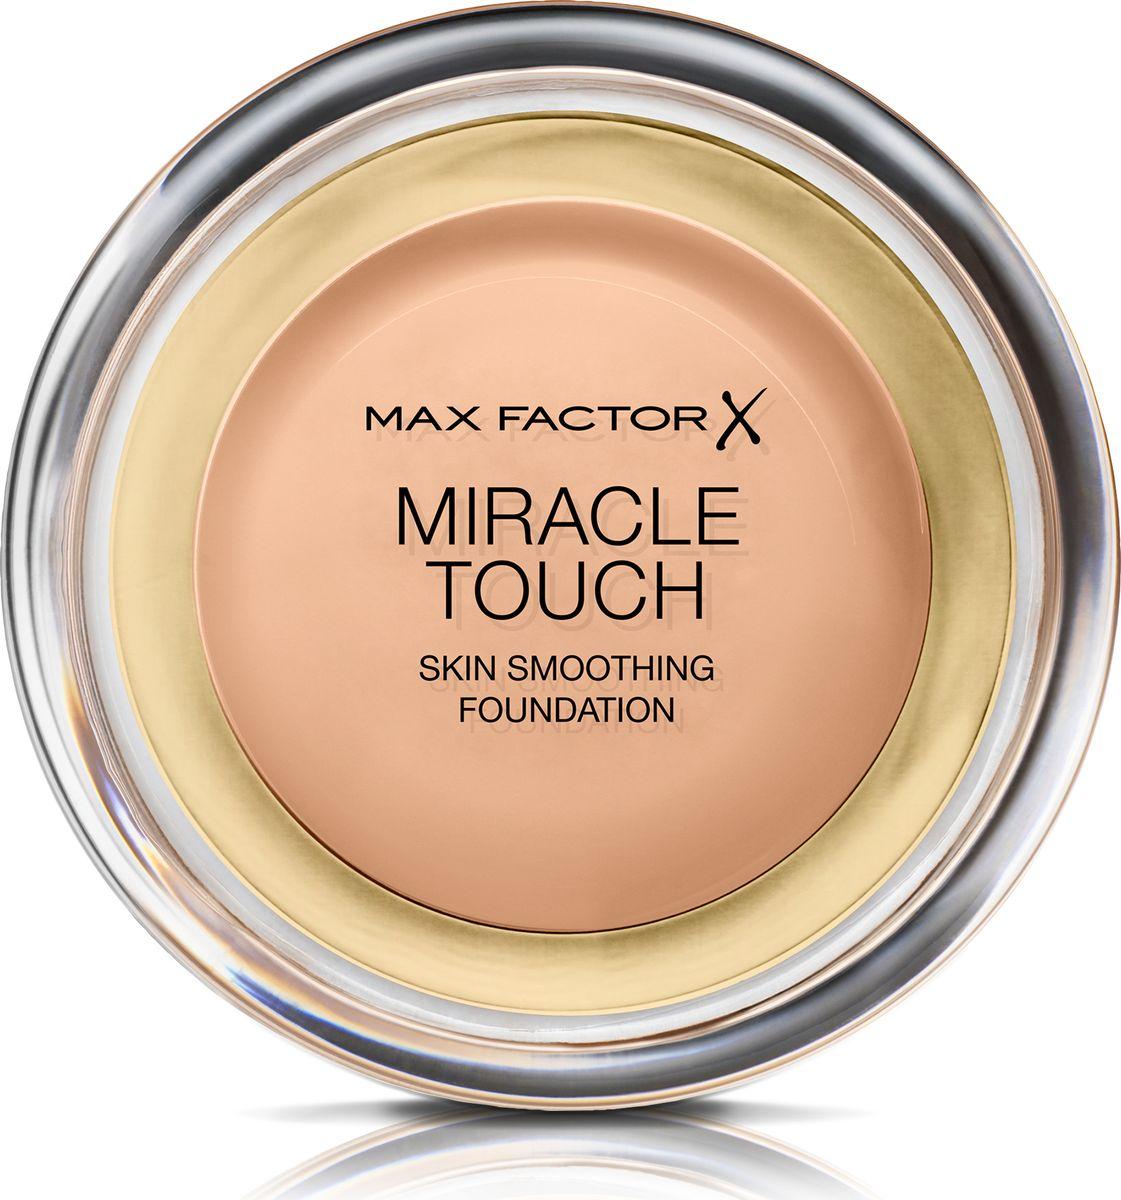 Max Factor Тональная Основа Miracle Touch Тон 45 warm almond 11,5 гр81056Уникальная универсальная тональная основа MaxFactorMiracleTouch обладает кремообразной формулой, благодаря которой превосходно подготовить кожу для макияжа очень легко. Всего один слой без необходимости нанесения консилера или пудры. Легкая твердая тональная основа тает в руках и гладко наносится на кожу, создавая идеальное, безупречно блестящее и равномерное покрытие, не слишком прозрачное и не слишком плотное. В результате кожа выглядит свежей, необычайно ровной и приобретает сияние. Чтобы создать безупречное покрытие, можно нанести всего один легкий слой тональной основы или же сделать покрытие более плотным благодаря специальной формуле. Тональная основа подходит для всех типов кожи, включая чувствительную кожу, и не вызывает угревой сыпи, так как не закупоривает поры. Спонж в комплекте для простого и аккуратного нанесения где угодно.Идеальное покрытие в один слой- консилер и пудра не нужны. Умеренное или плотное покрытие благодаря специальной формуле. Не вызывает угревую сыпь и не закупоривает поры. Дерматологически протестировано, подходит для чувствительной кожи.Удобная компактная форма, которую легко держать в руках, со спонжем для быстрого и простого нанесения. Идеальный оттенок должен соответствовать тону кожи на линии подбородка. Для получения наиболее профессионального результата с помощью спонжа, входящего в комплект, нанеси тональную основу MiracleTouchLiquidIllusion и распредели ее от центра лица к краям. Чтобы скрыть темные круги и недостатки кожи, наноси основу краем спонжа. Всегда наноси продукт при ярком дневном освещении.